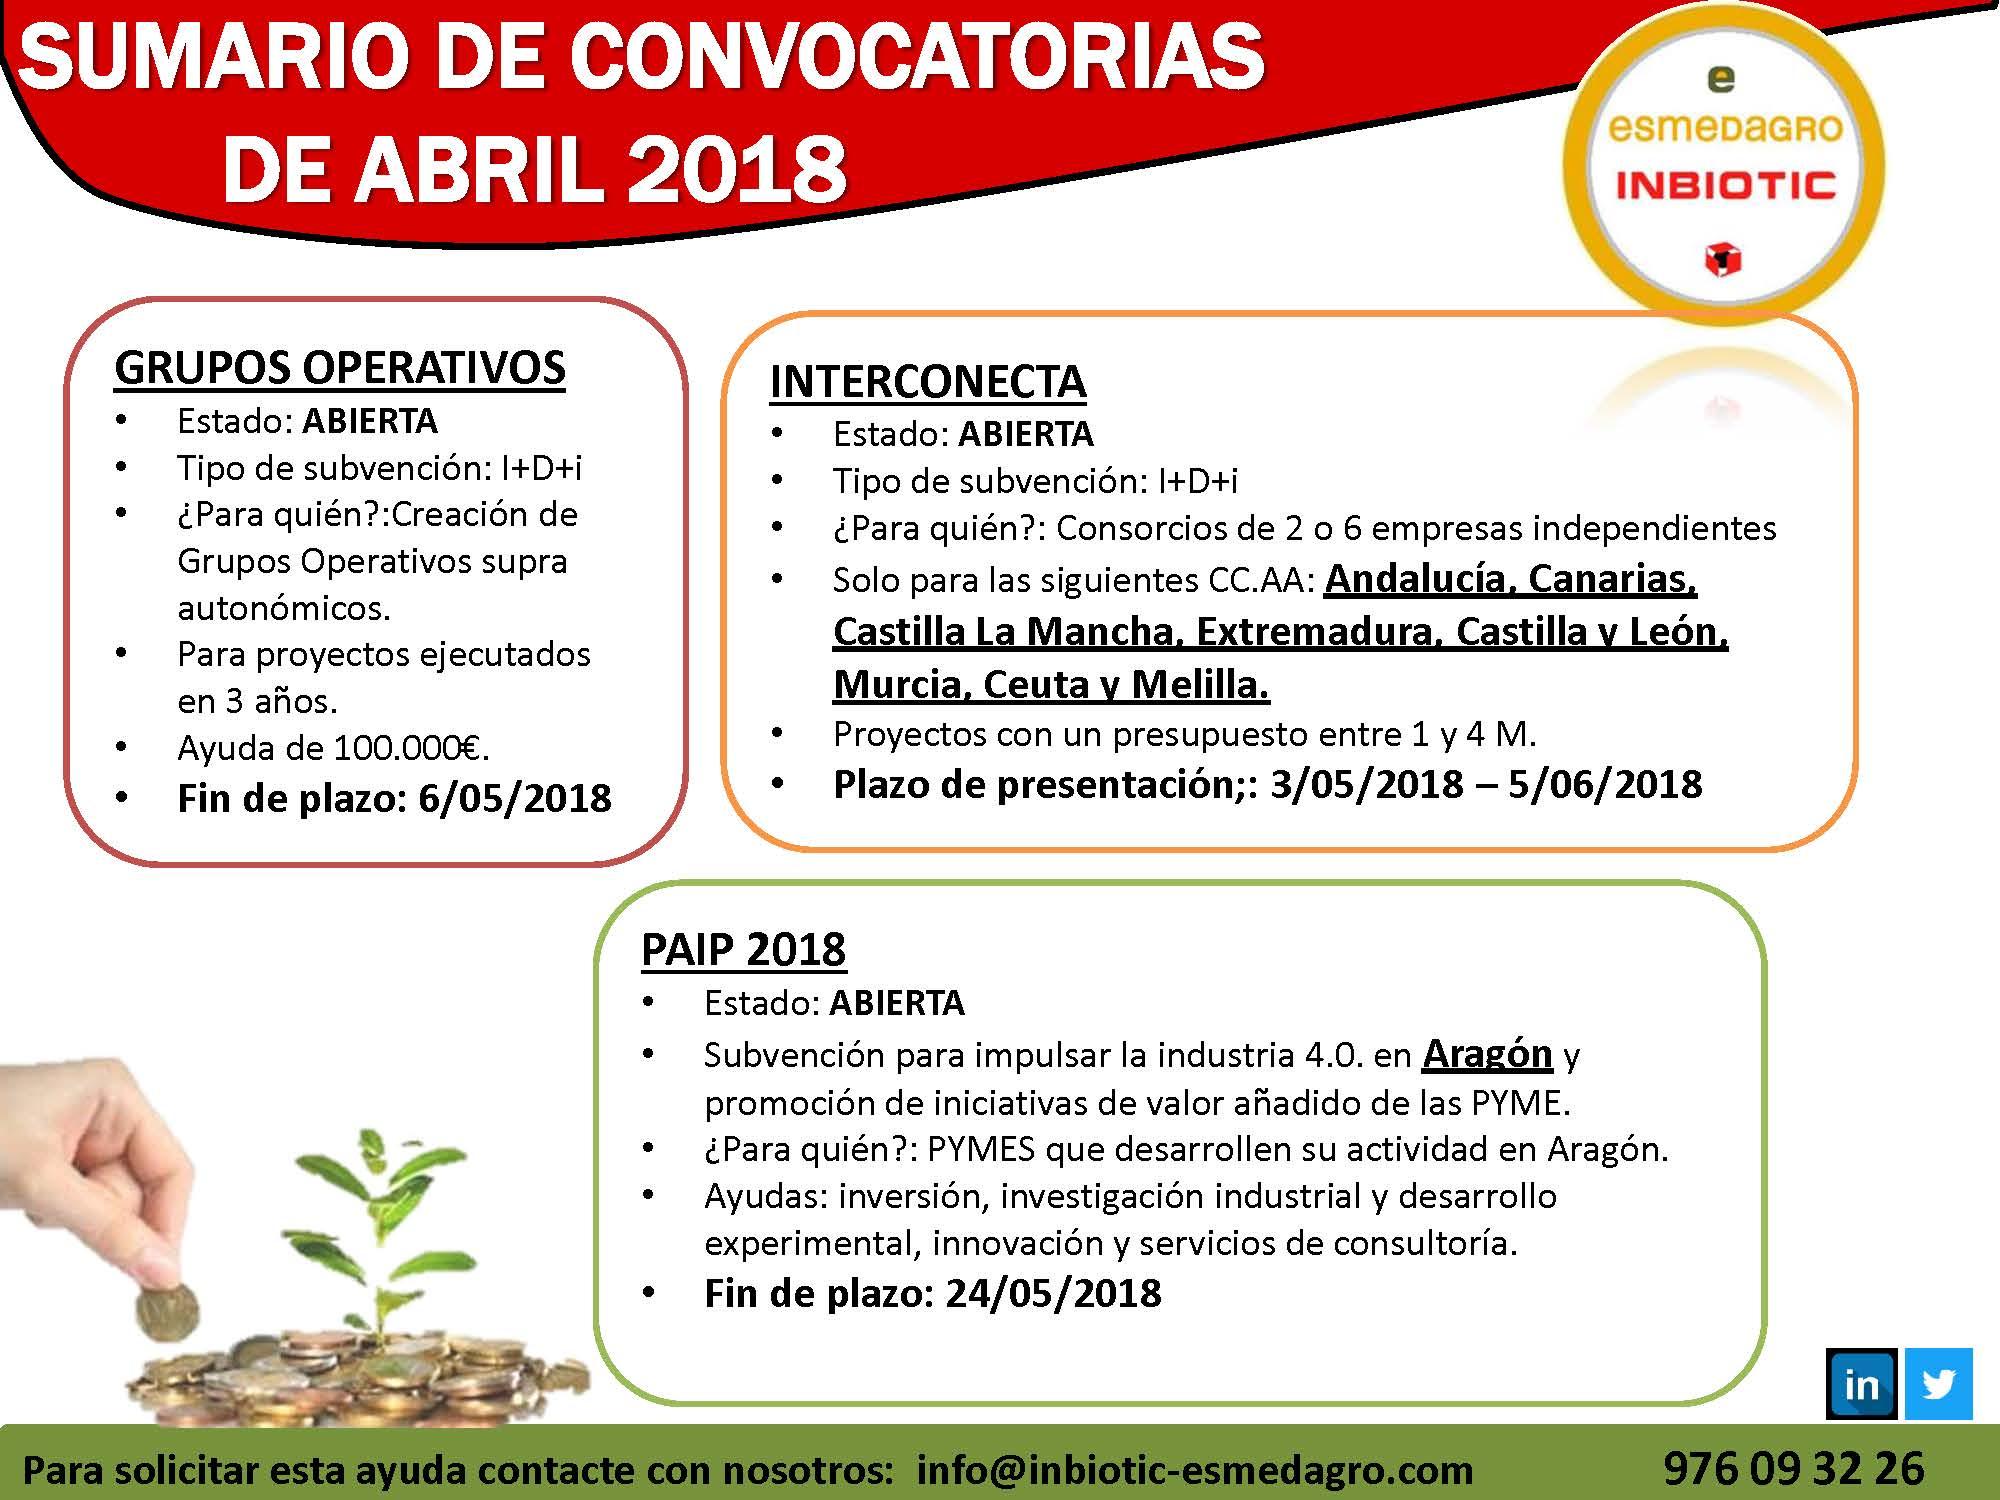 SUMARIO DE CONVOCATORÍAS ABRIL 2018